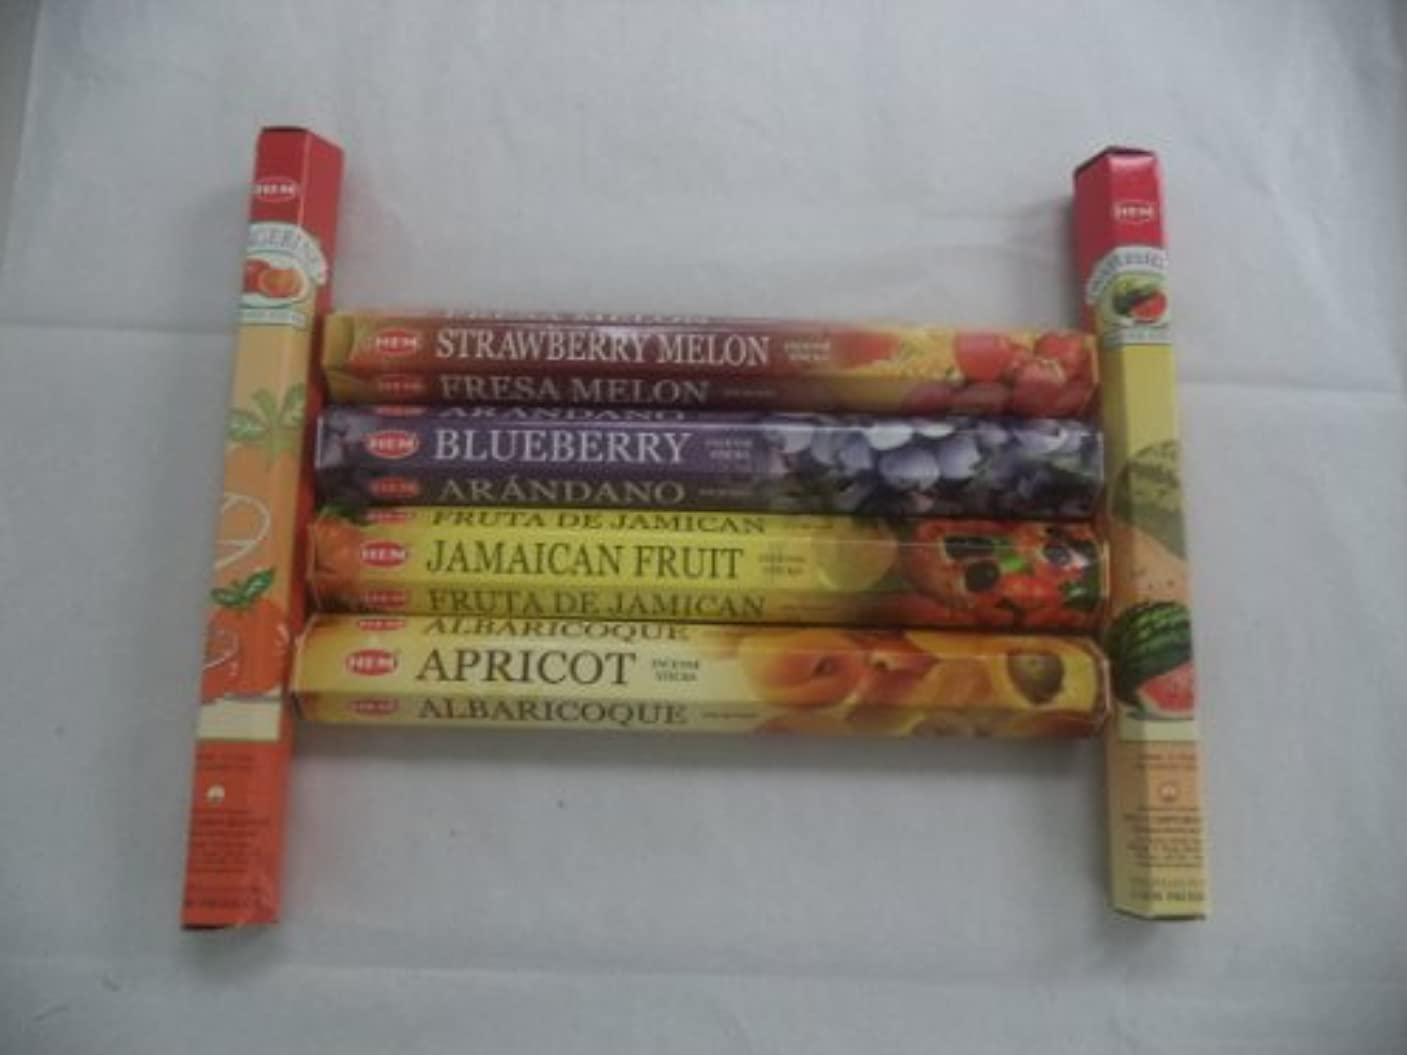 好色なによると影響するHem Fruitさまざまなお香セット6 x 20 = 120 Sticksさまざまなギフトパック